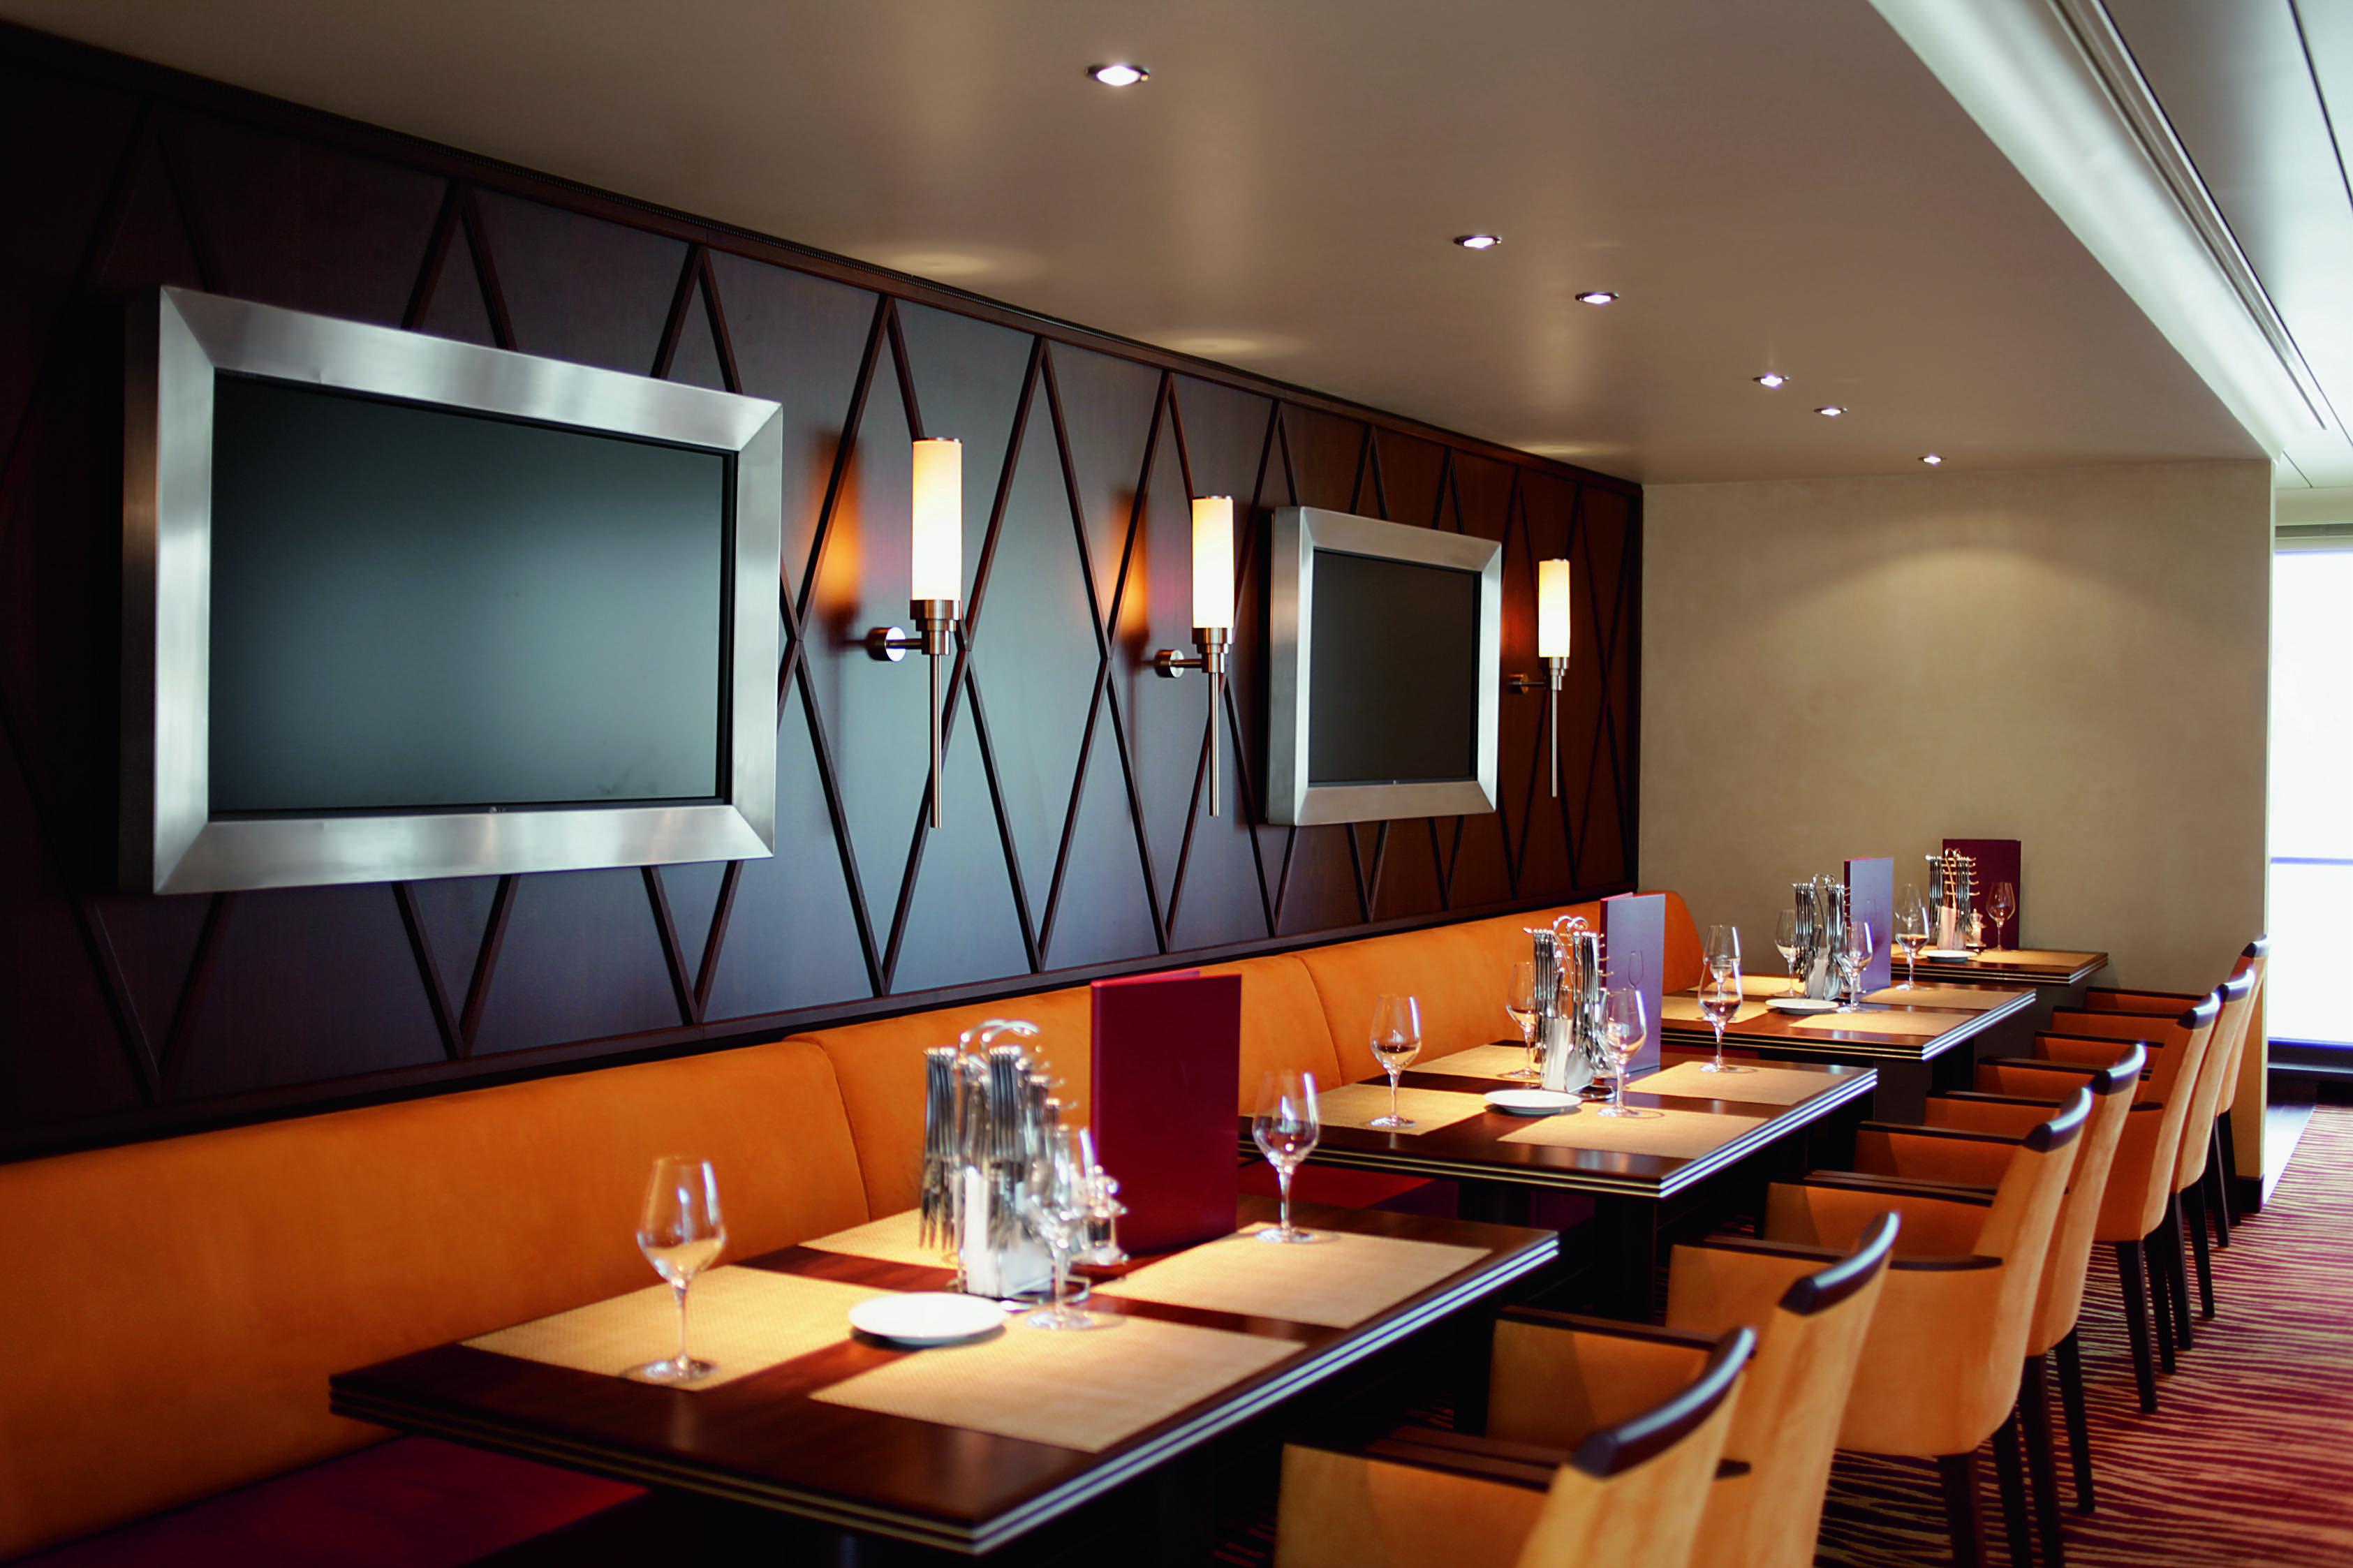 A-ROSA AQUA A-ROSA VIVA A-ROSA BRAVA Interior Market Restaurant 2.jpg